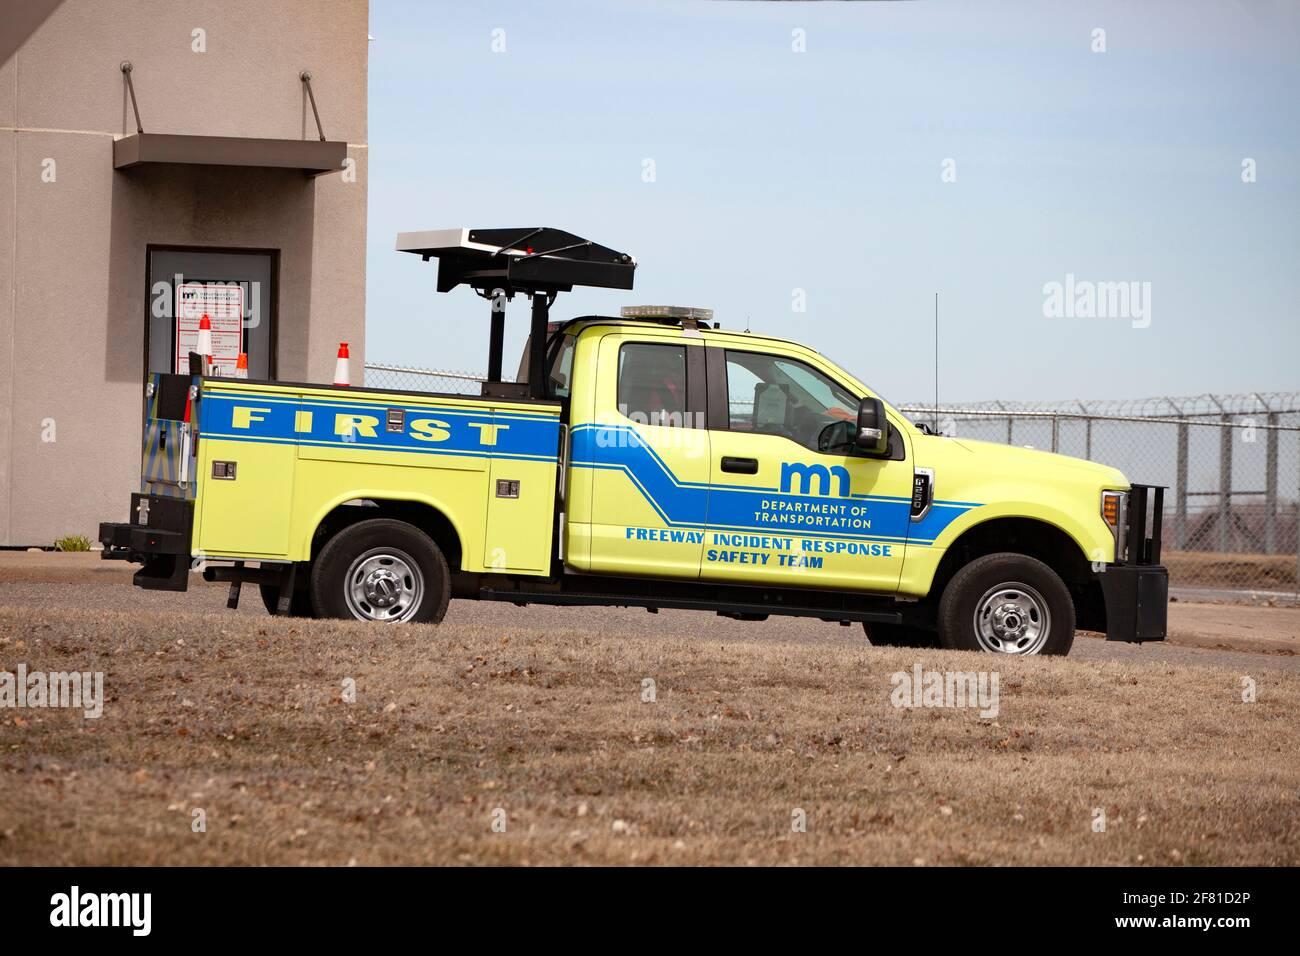 Departamento de Transporte de la autopista respuesta a incidentes camión del equipo de seguridad en el Aeropuerto Internacional St Paul de Minneapolis. Minneapolis Minnesota MN Estados Unidos Foto de stock